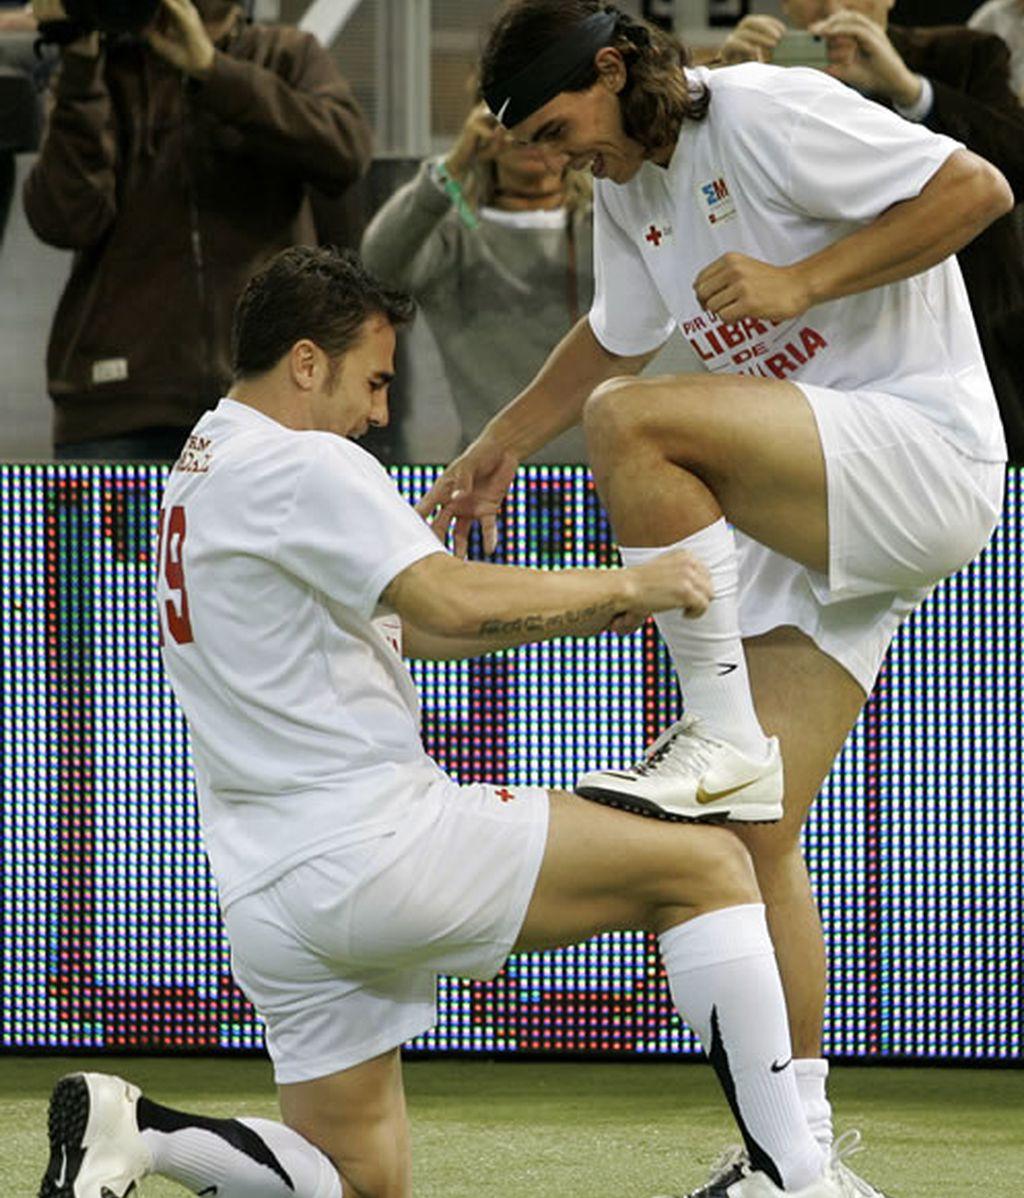 Fabio Cannavaro limpia las botas de Rafa Nadal